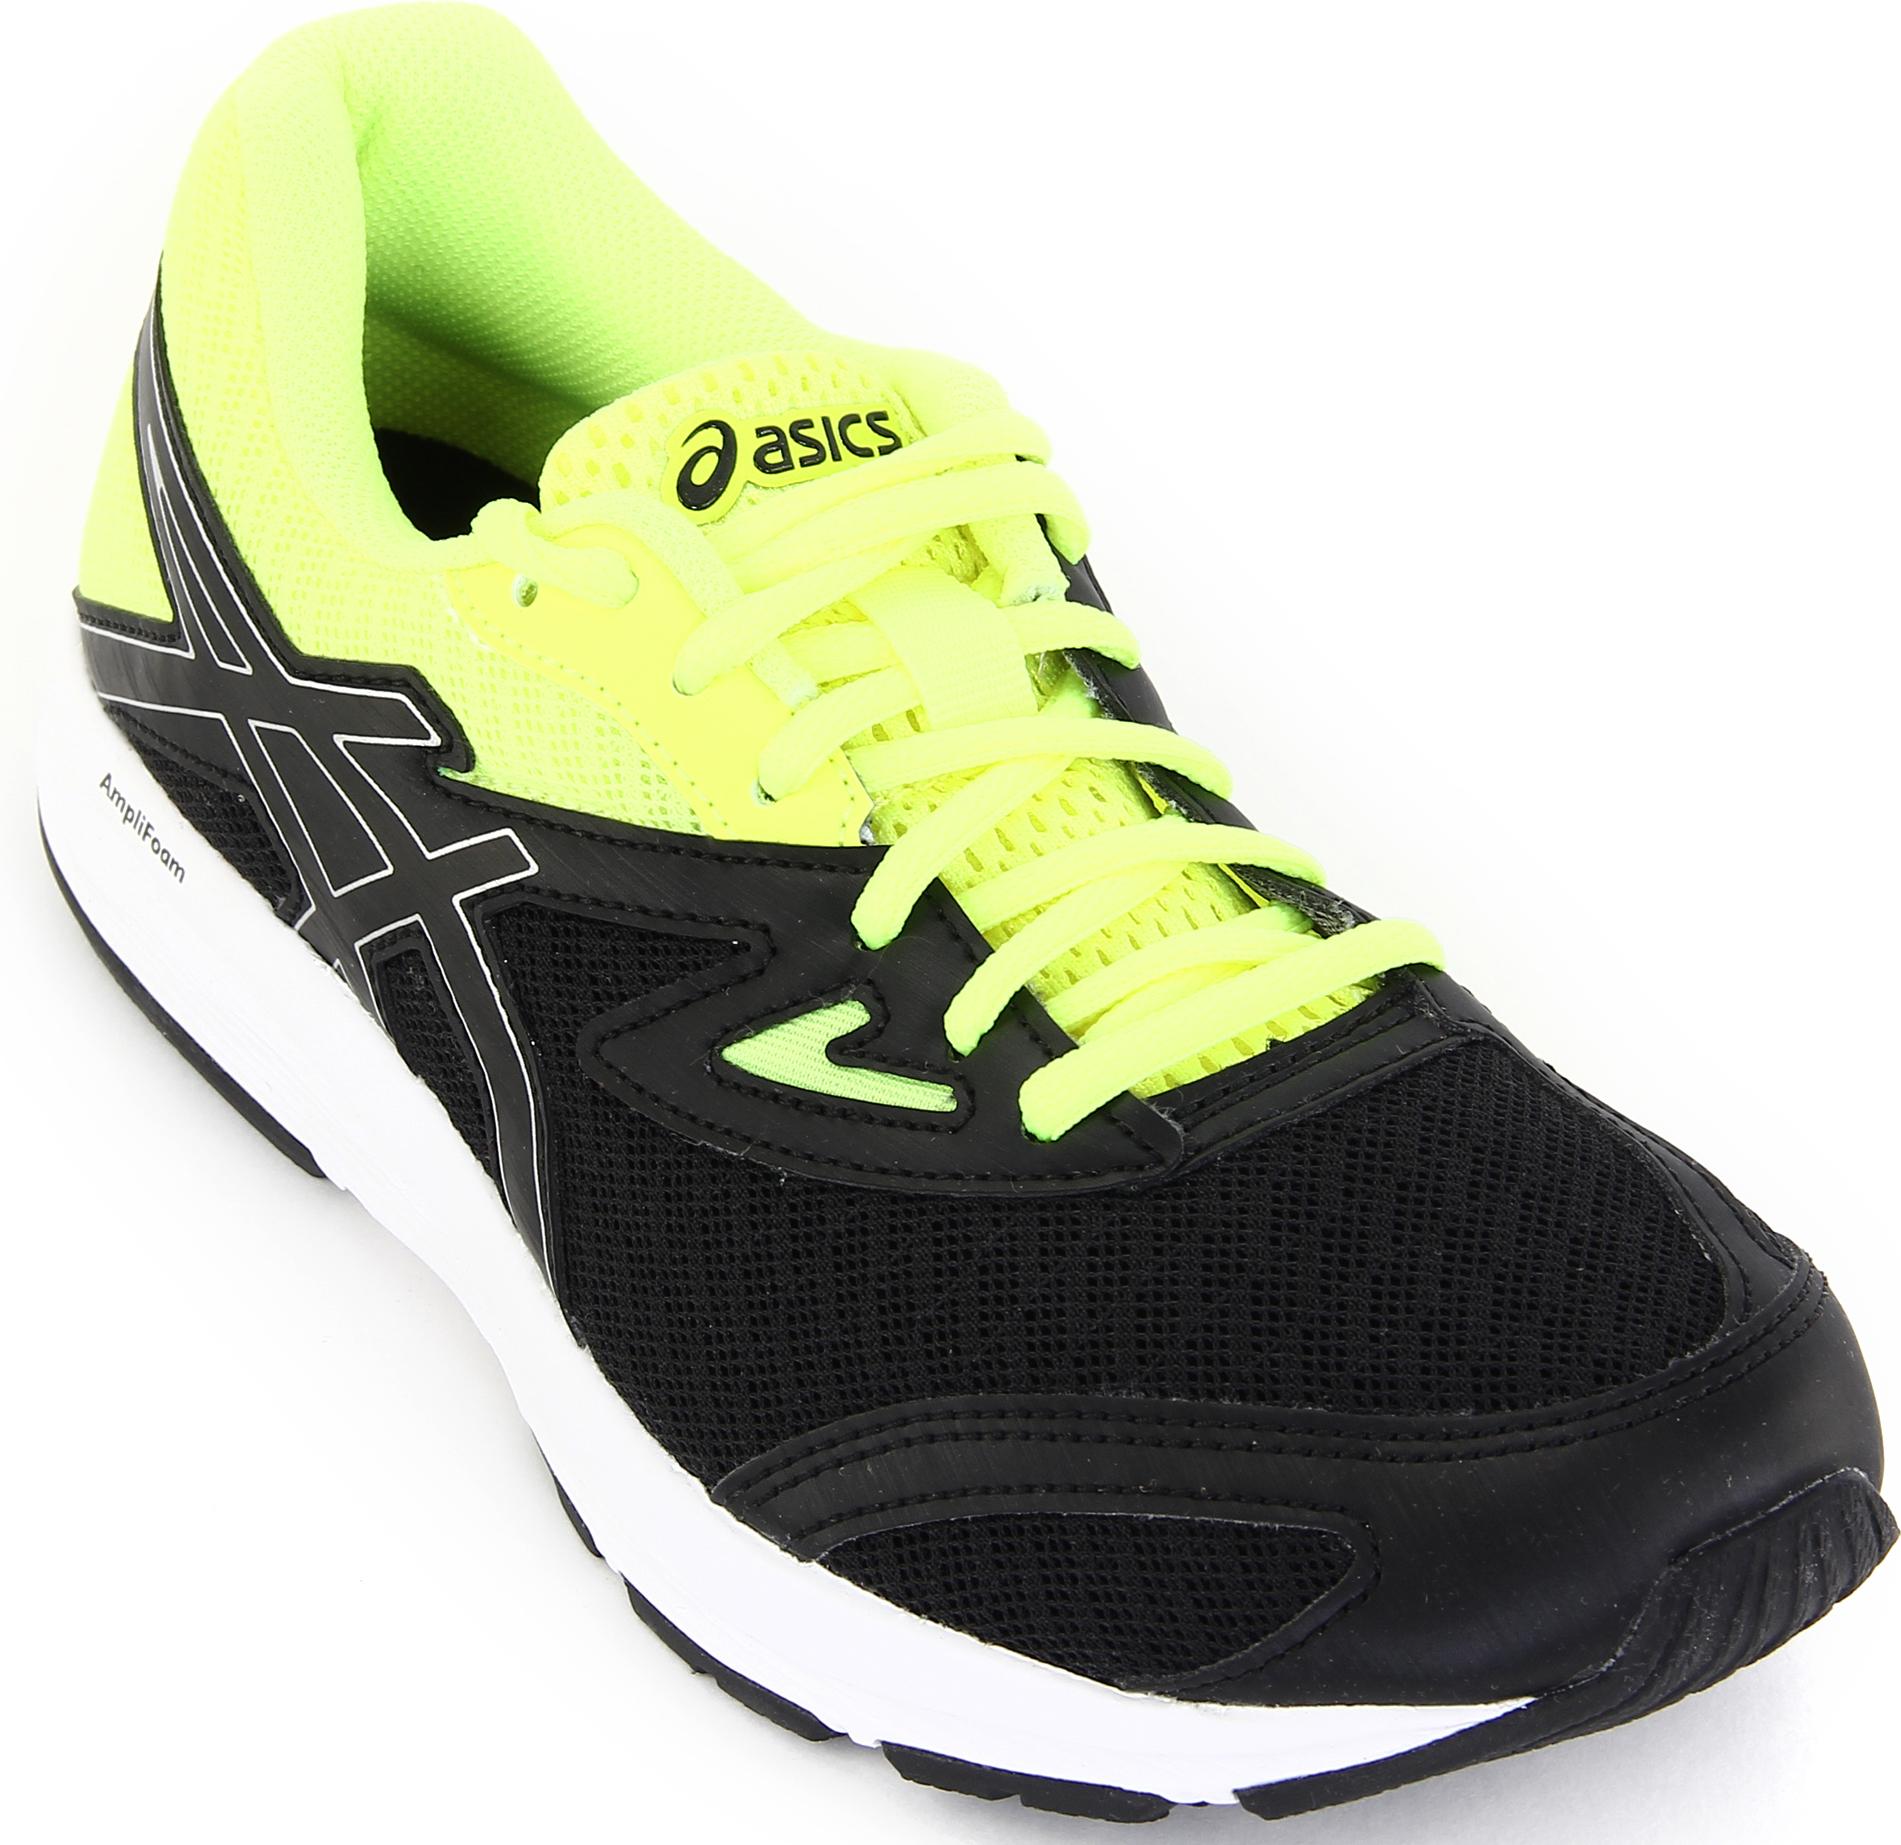 Кроссовки для мальчика Asics Amplica GS, цвет: черный. C808N-9093. Размер 4 (34,5)C808N-9093